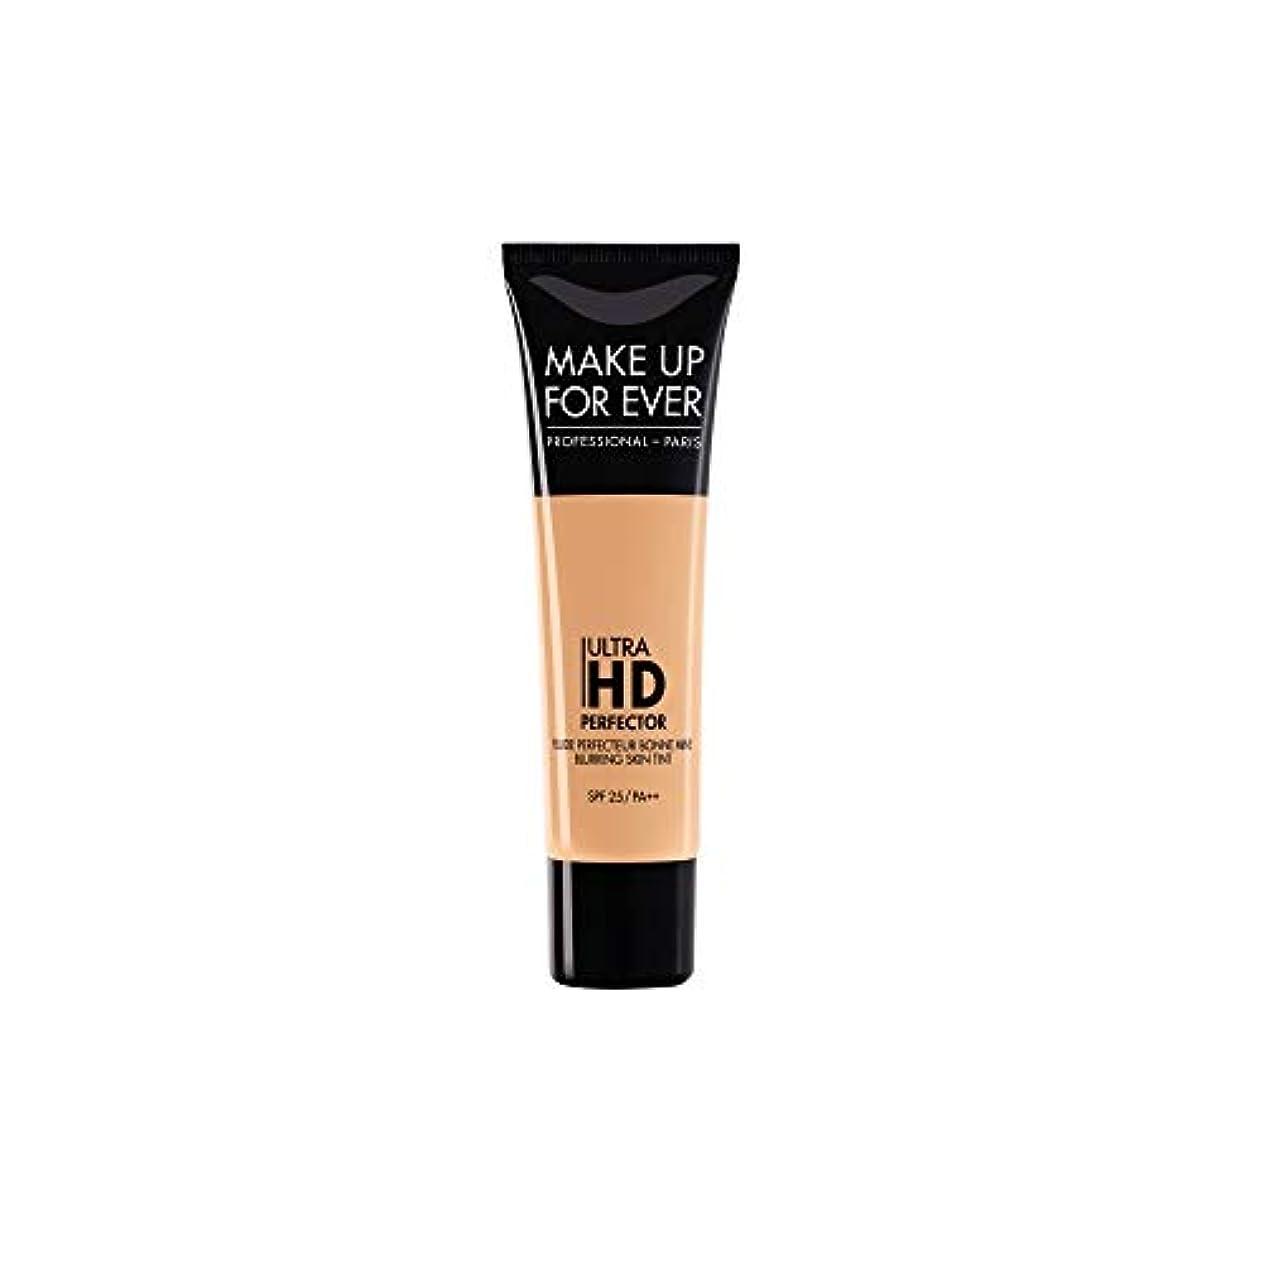 解くバトル抑圧するメイクアップフォーエバー Ultra HD Perfector Blurring Skin Tint SPF25 - # 07 Golden Apricot 30ml/1.01oz並行輸入品